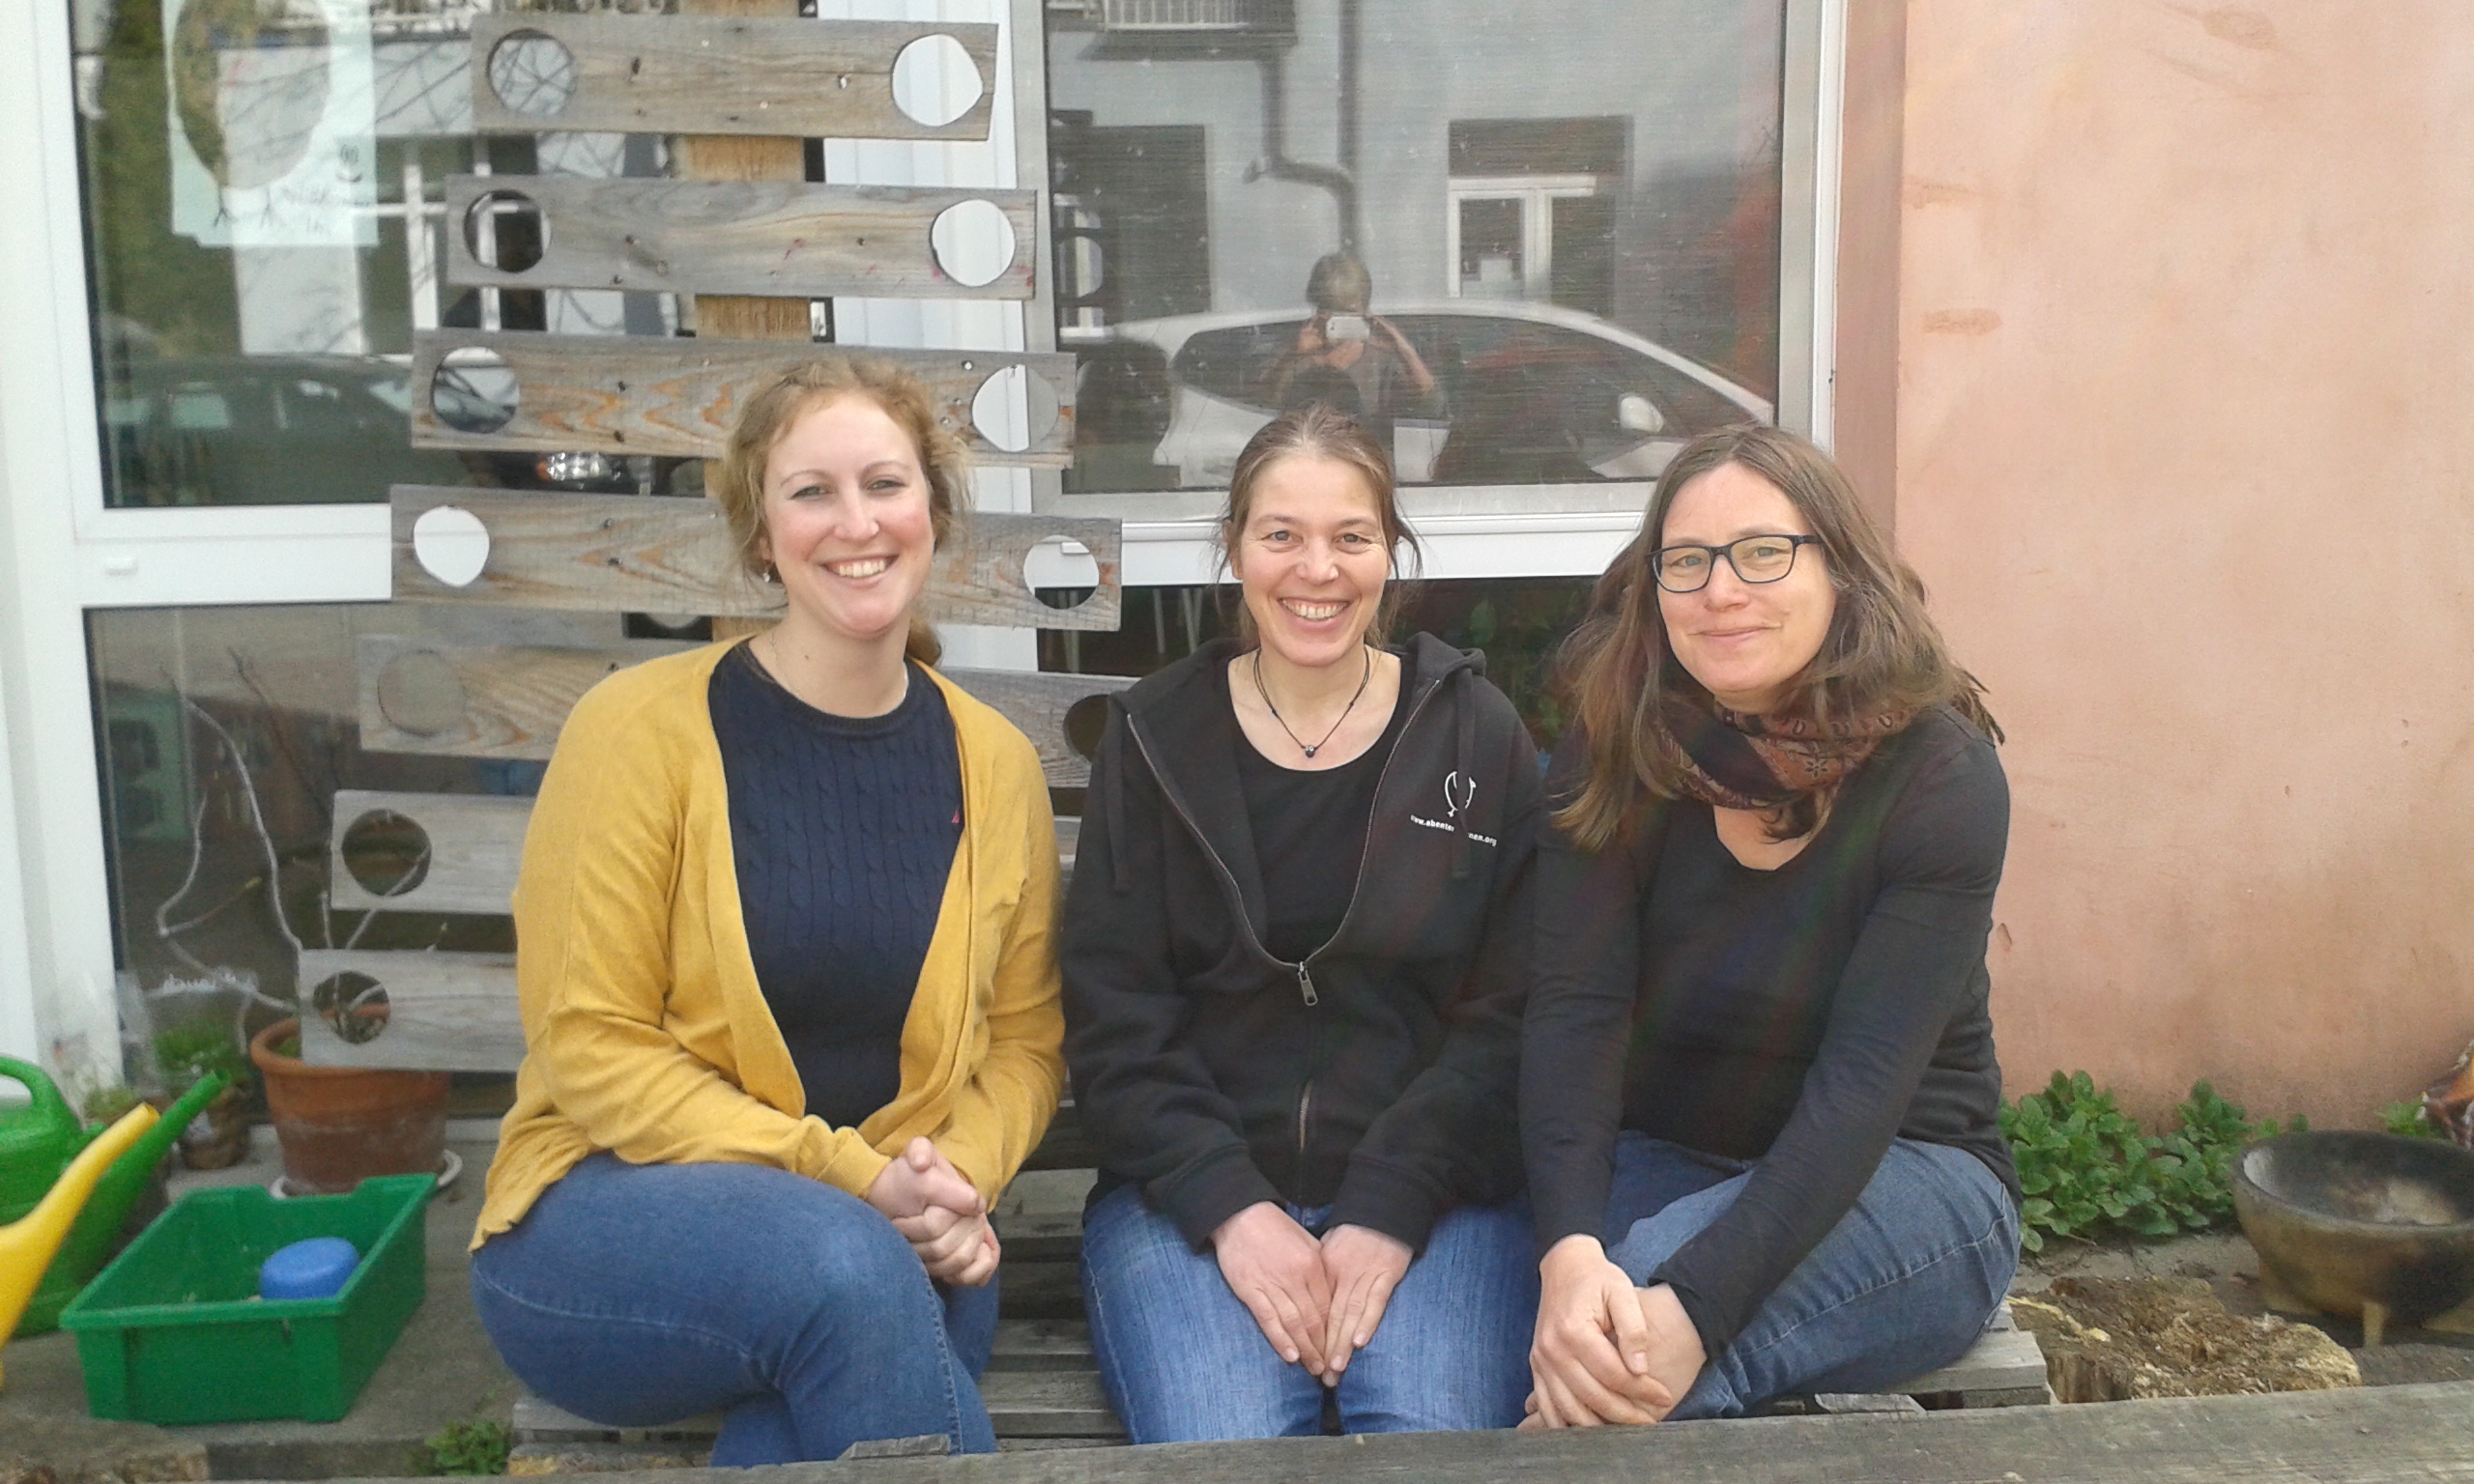 Die Leiterin der Jugendfarm, die pädagogische Leiterin von Abenteuer Lernen und die Projektleiterin des Forums Inklusion lebendig machen sitzten vor den Räumen von Abenteuer Lernen.